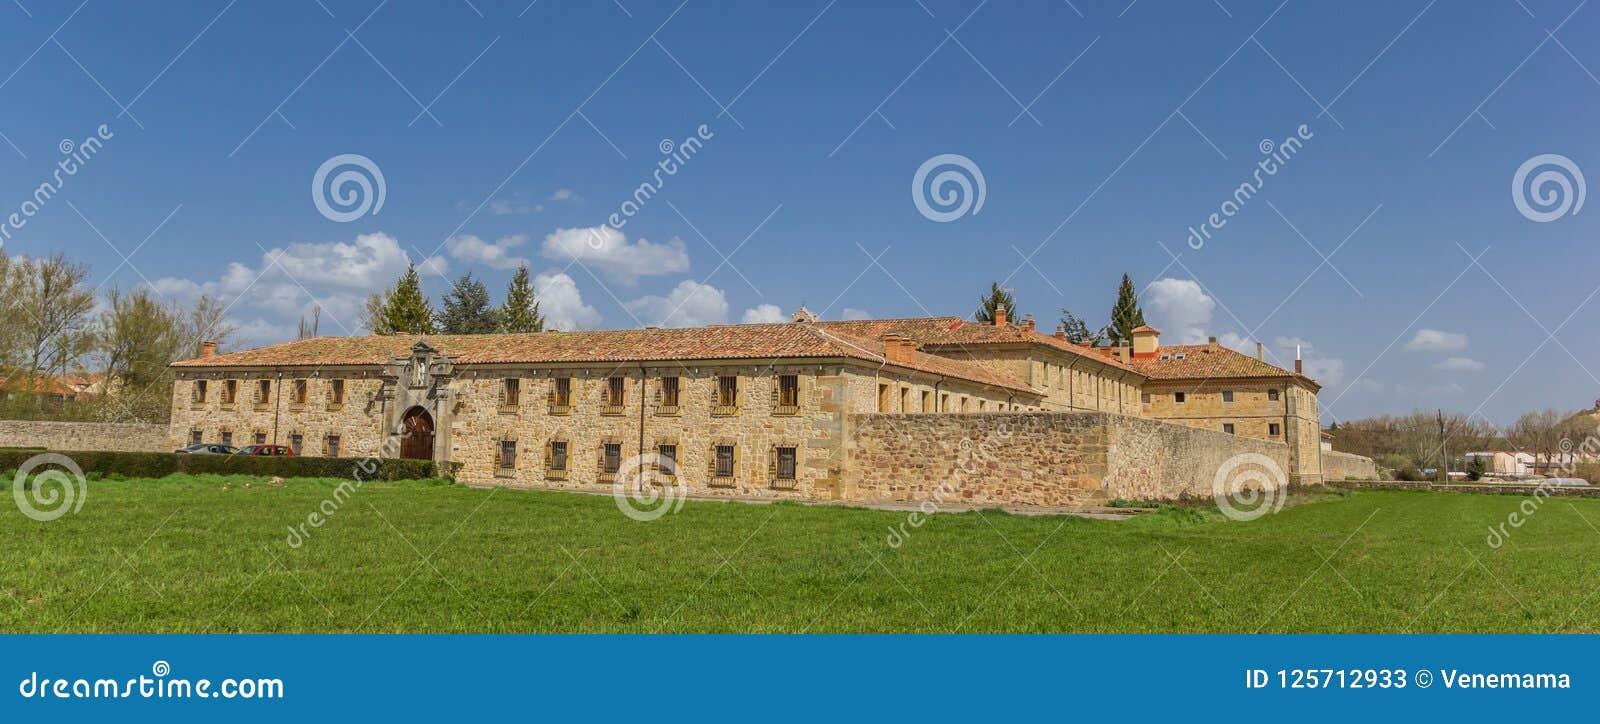 Panorama av den Santa Clara kloster i Aguilar de Campoo